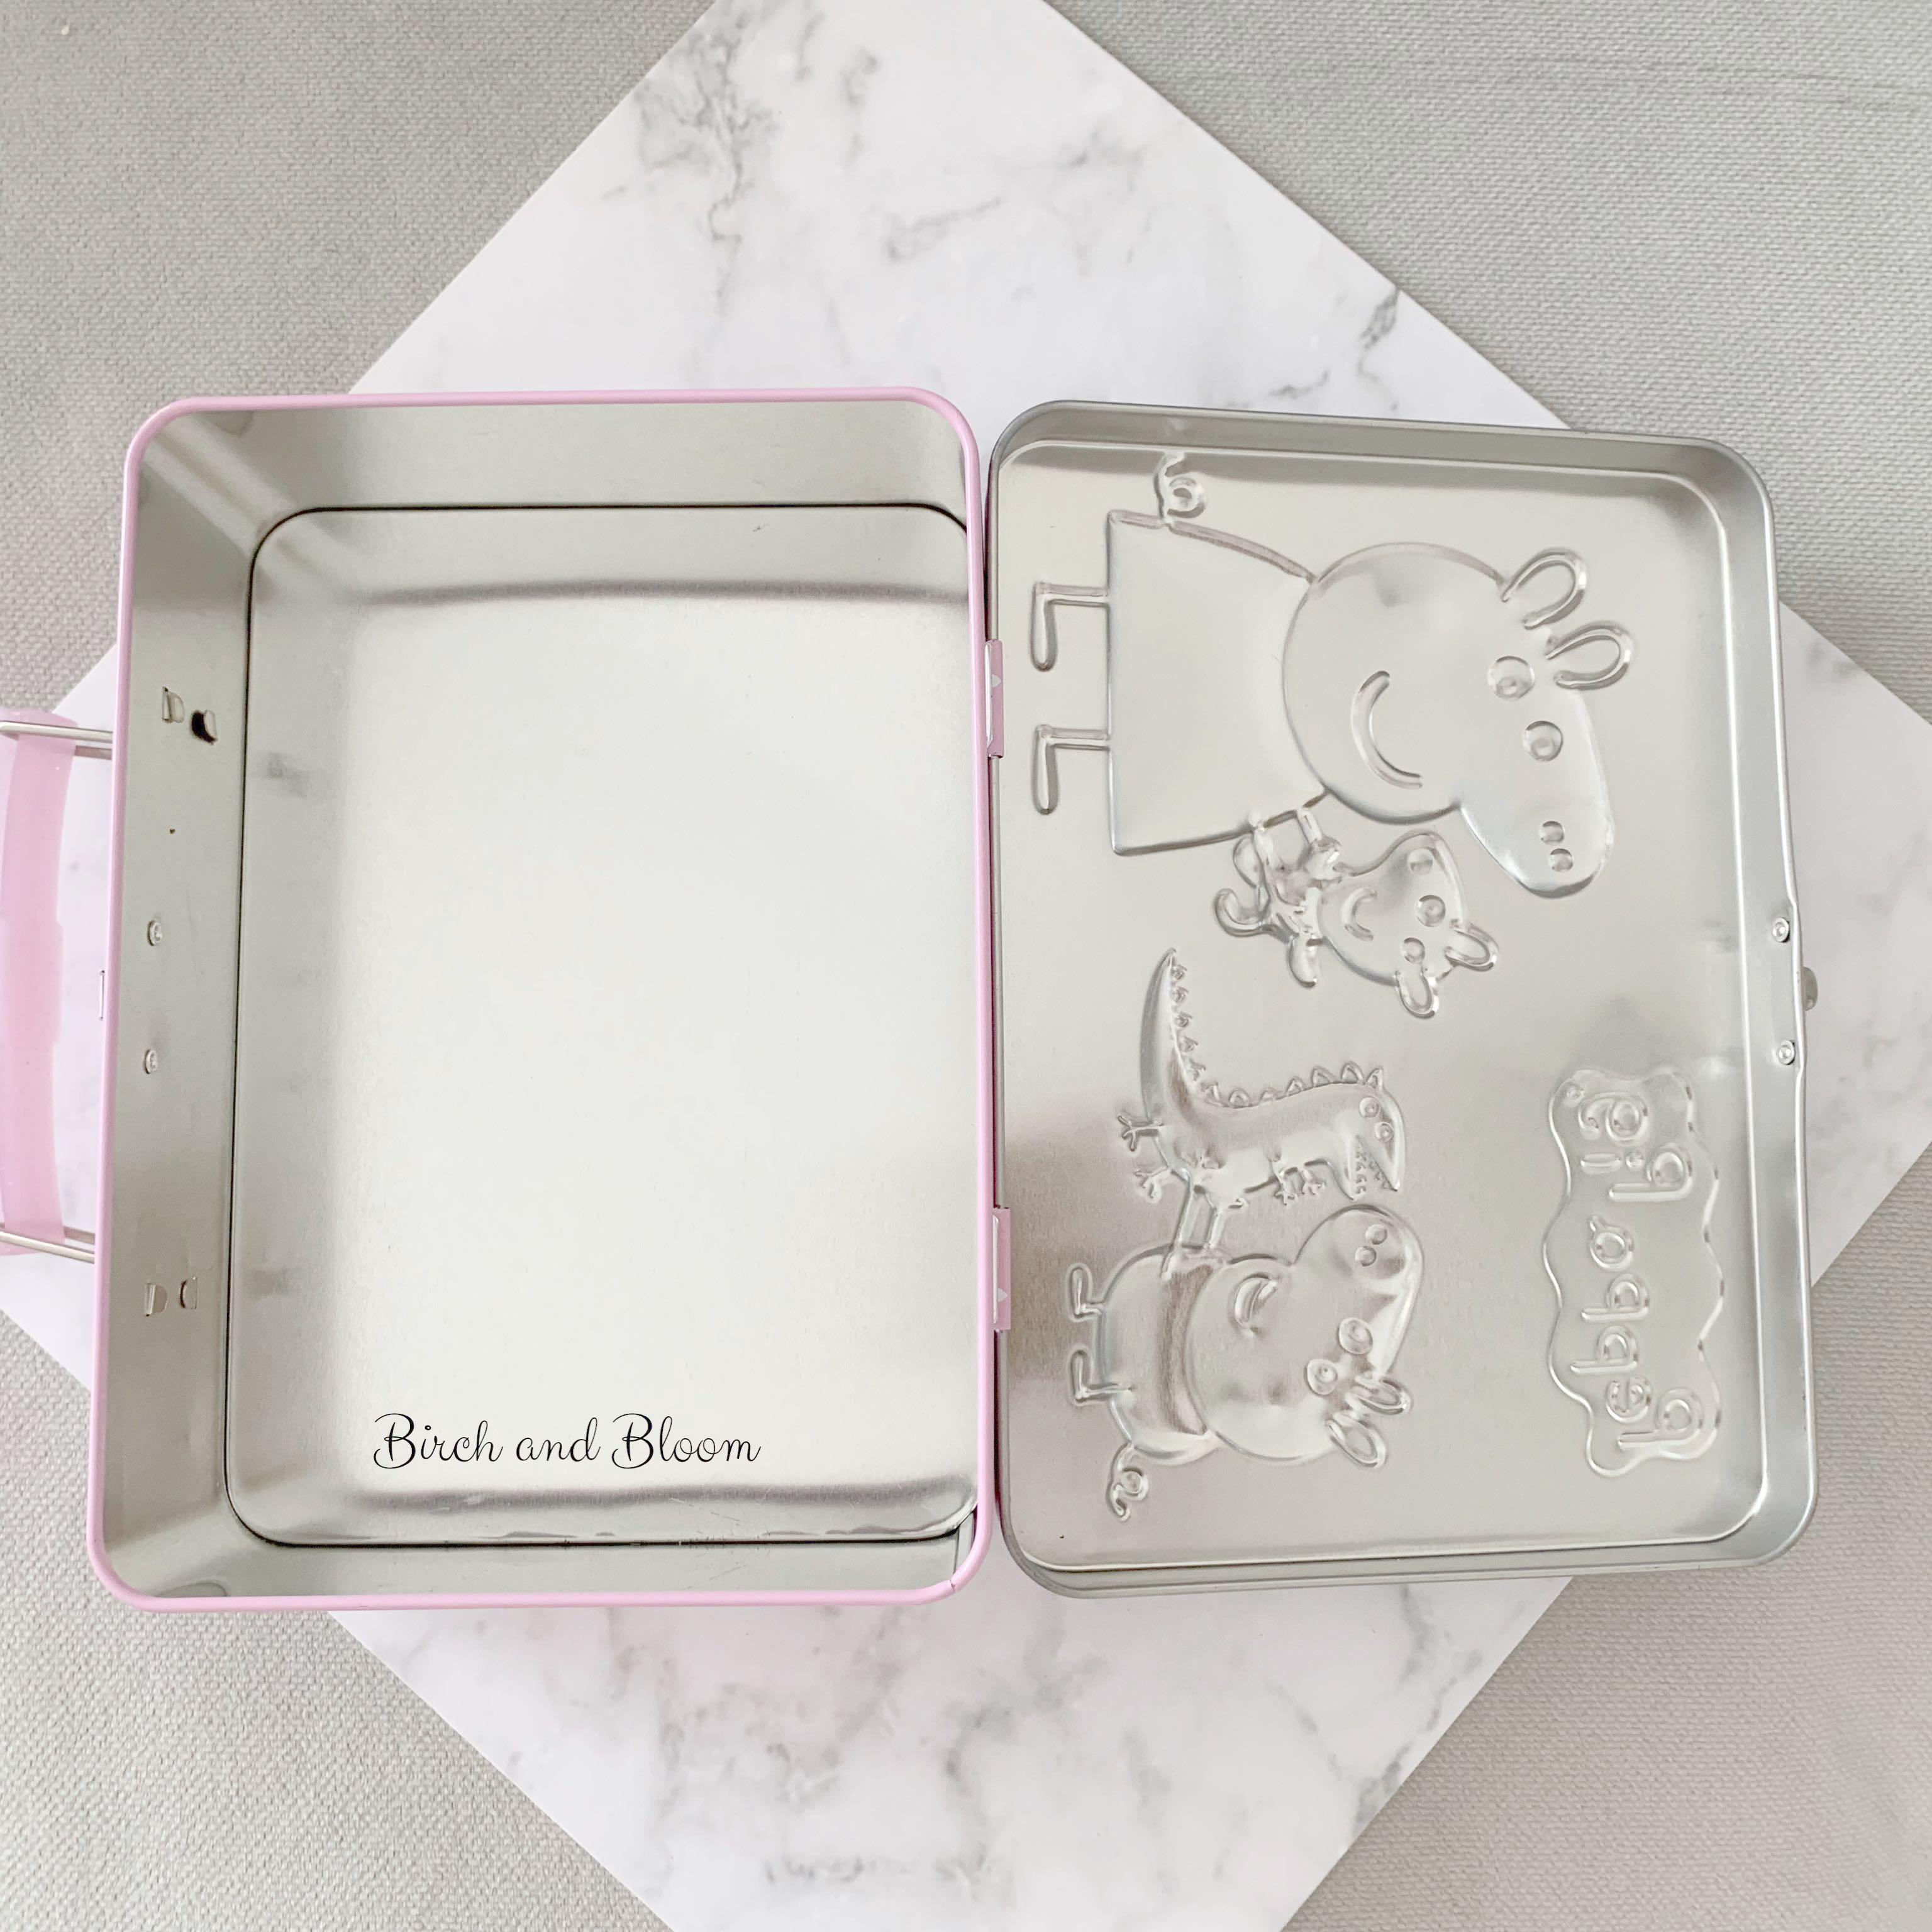 Kaleng Peppa Pig Tin Collectible Item